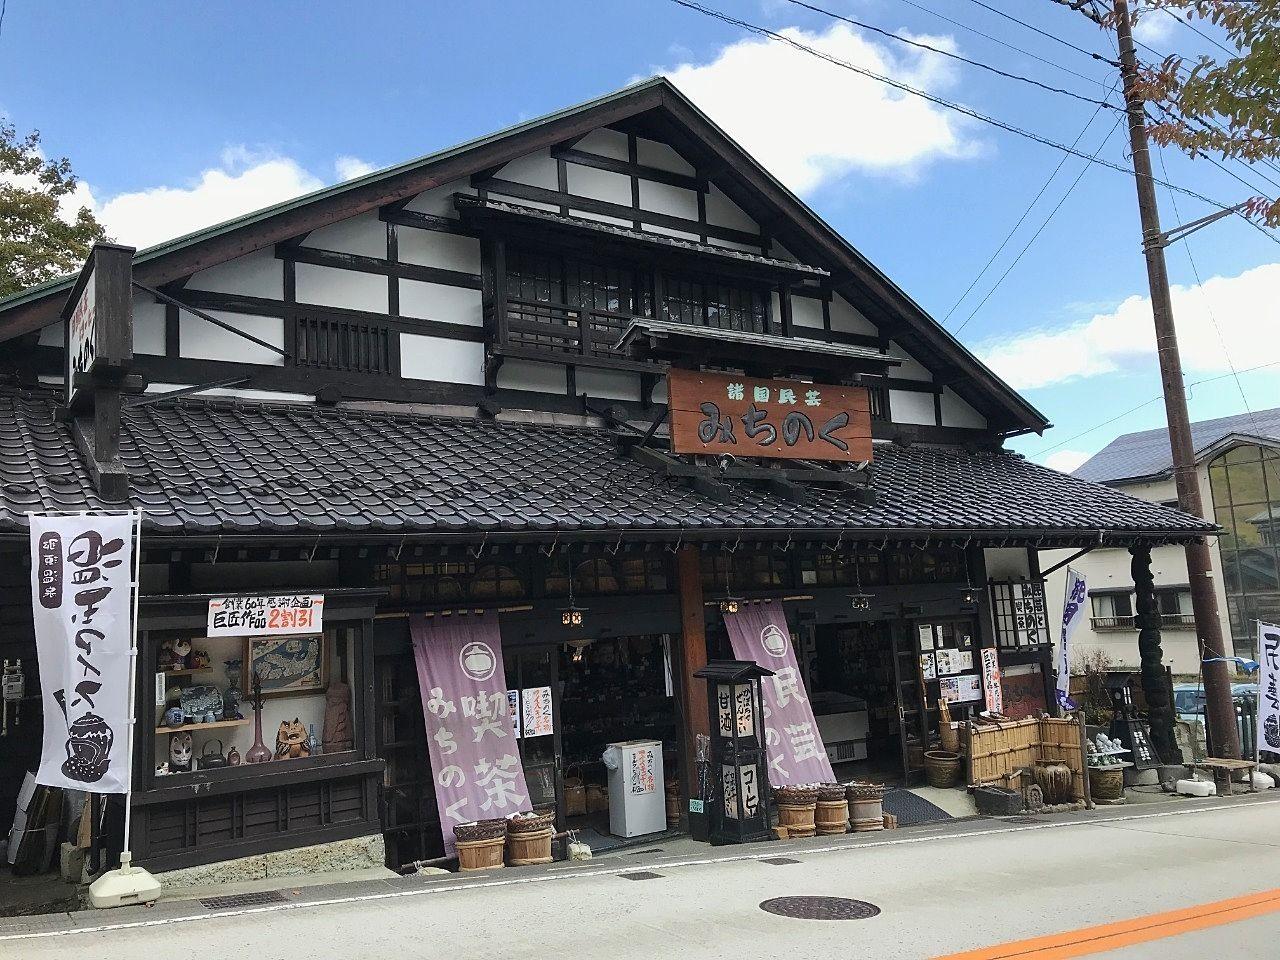 那須にある、訪れるとほっとする民芸店「みちのく民芸店」